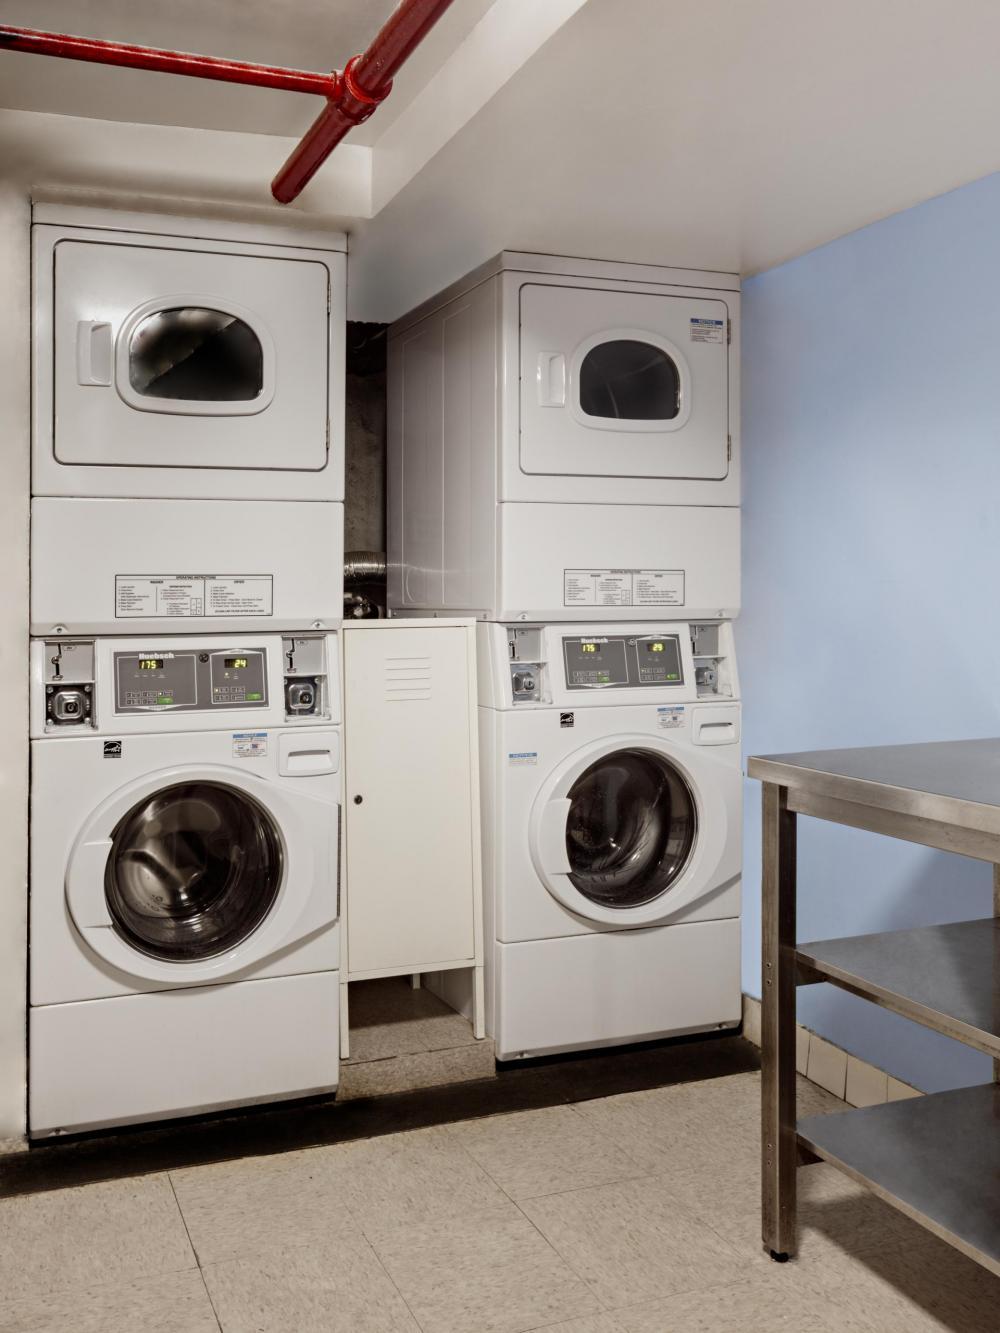 Waschmaschine  und Trockner kosten 1$ pro Ladung